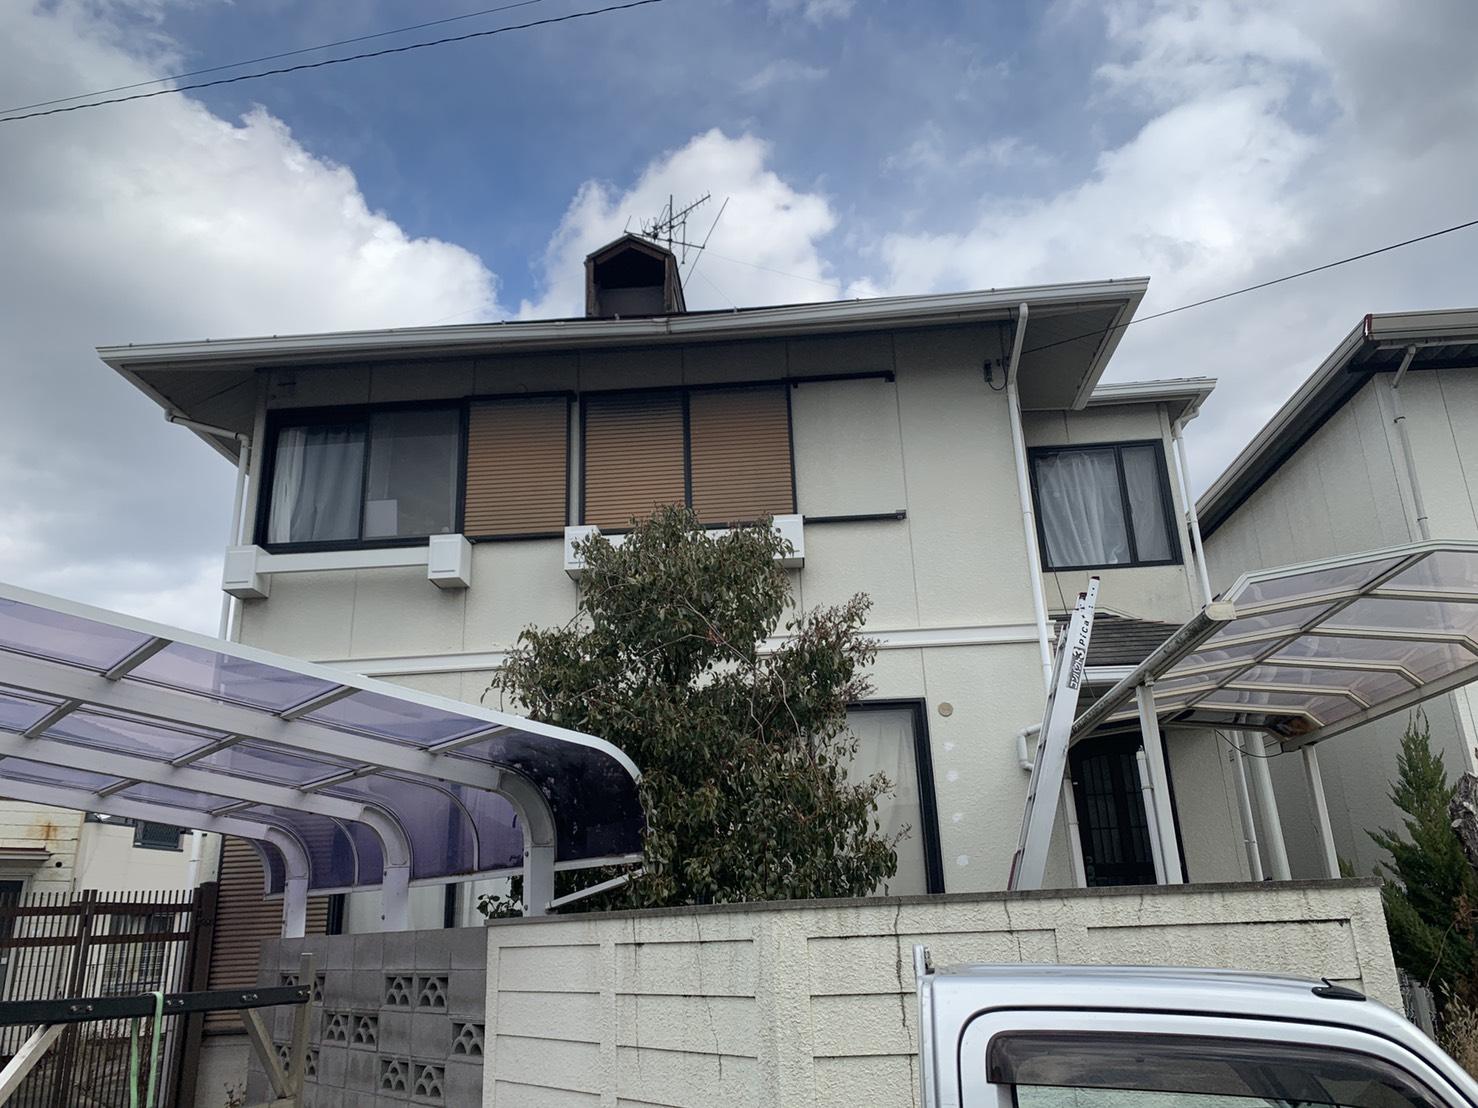 神戸市西区の鳩小屋が飛散したお家の全景